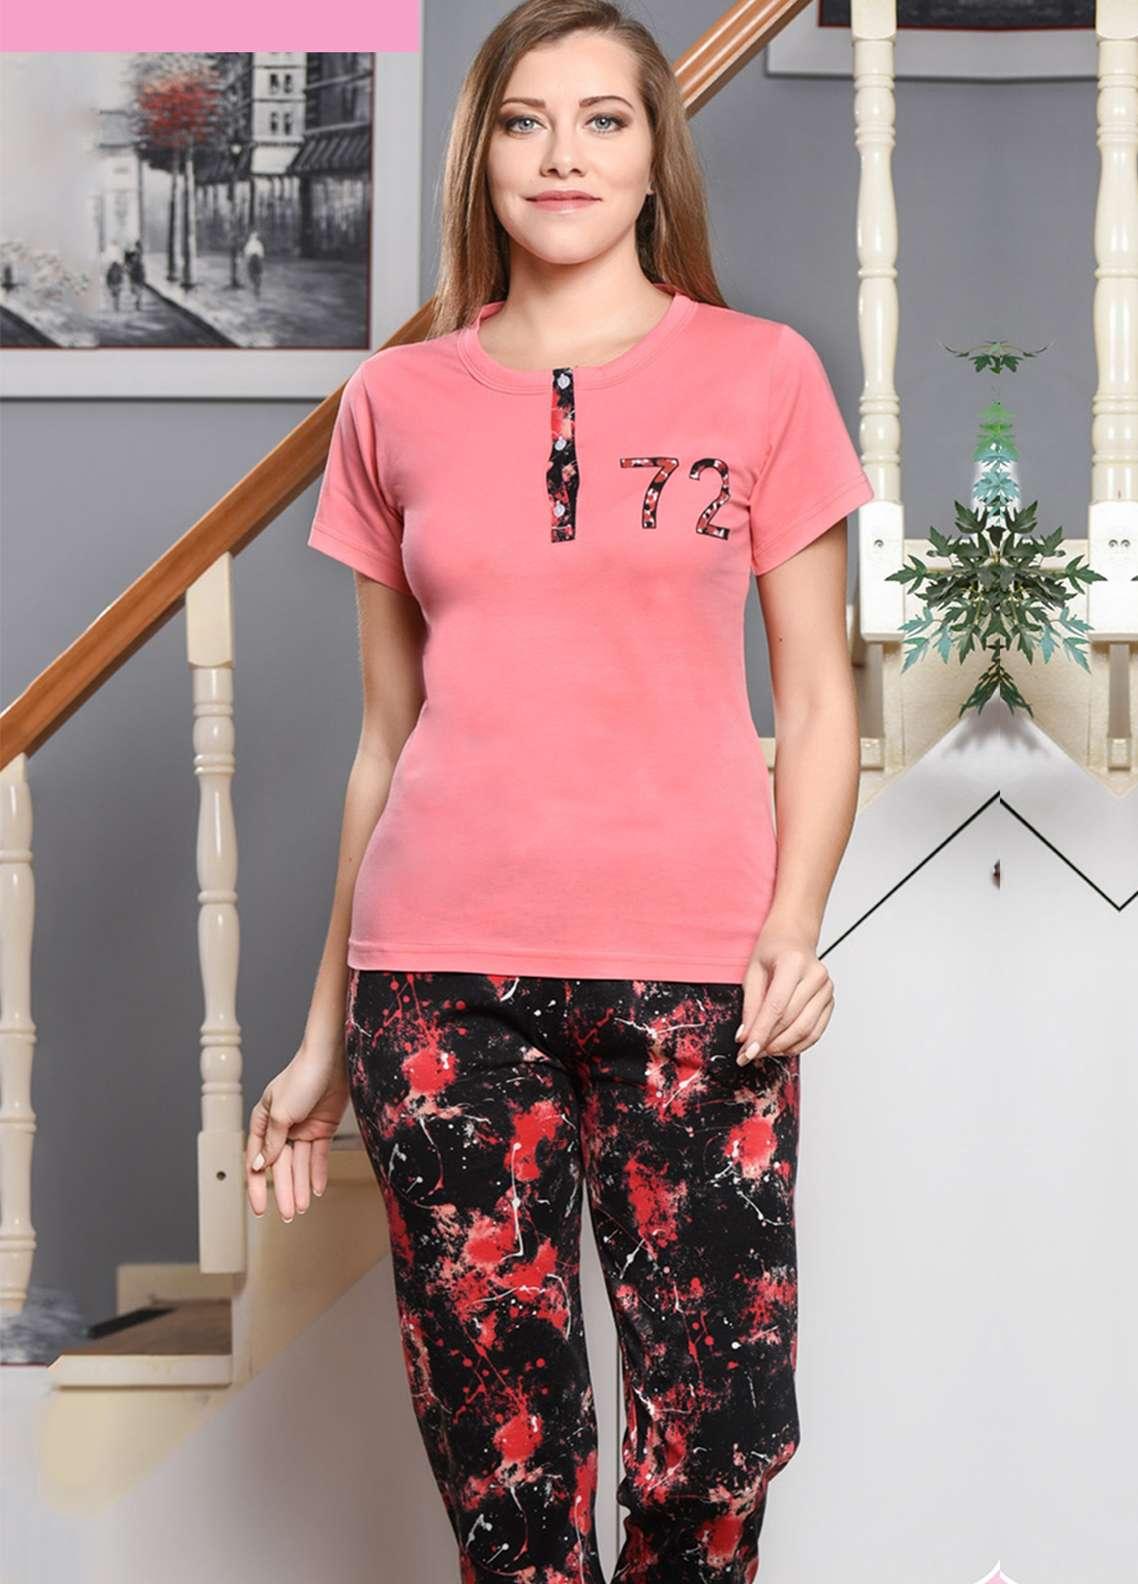 Cotton Net Nightwear for Women 2 Piece NS18W 0308 PINK